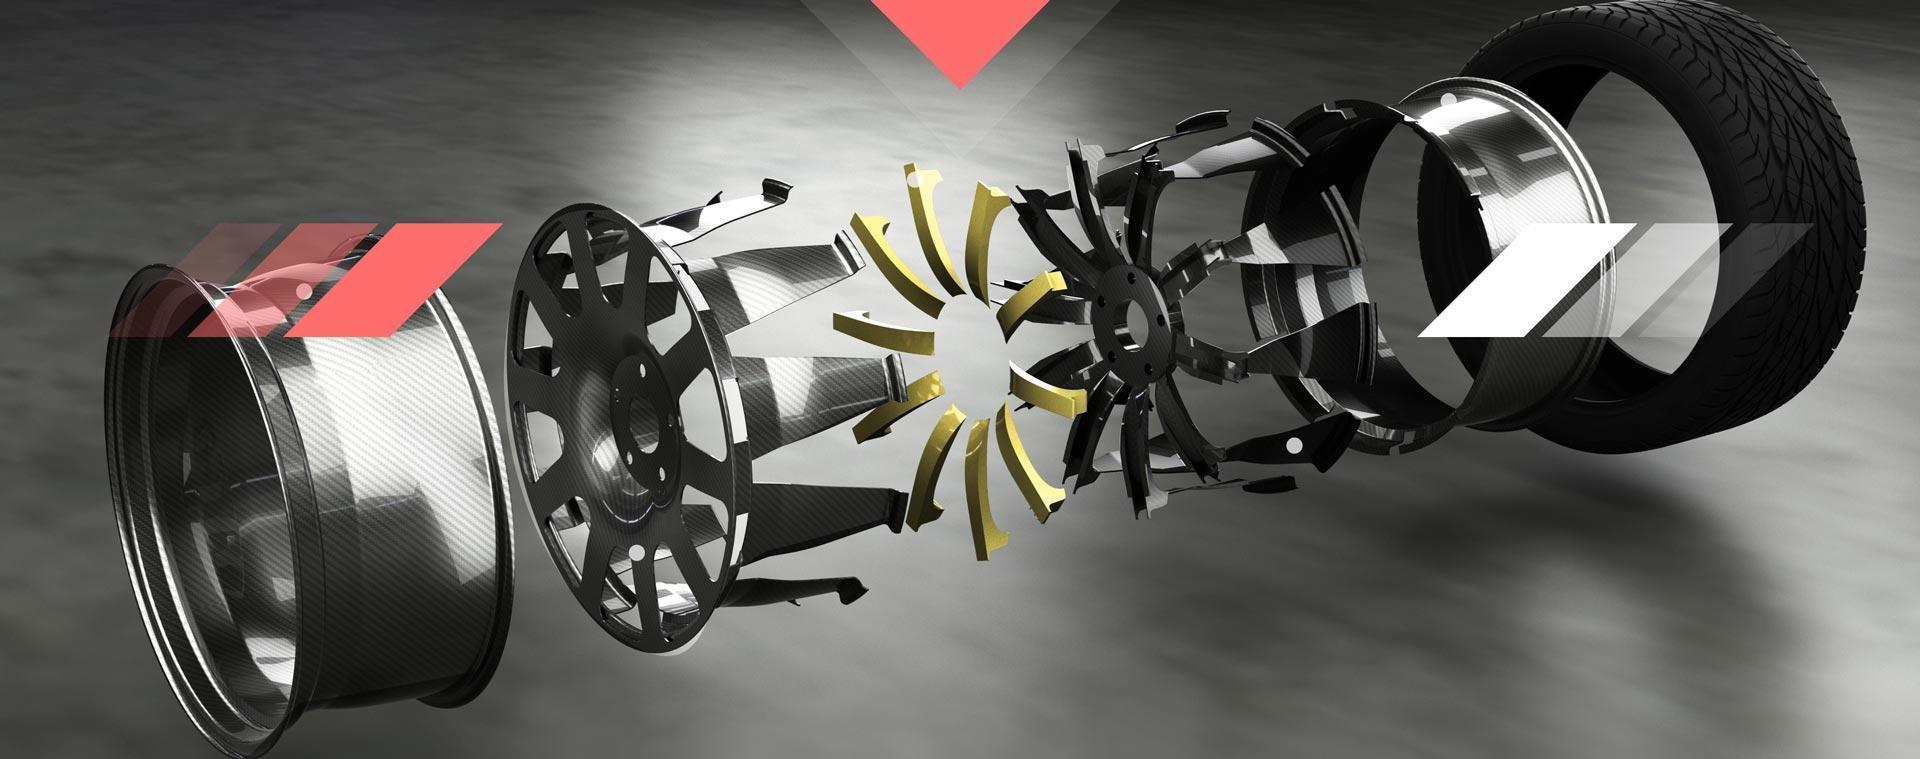 Fibratech opracowało hybrydową, kompozytowo-metalową obręcz samochodową. Jest ona o 15 proc. lżejsza i o 30 proc. sztywniejsza niż zwykłe felgi aluminiowe. Także jej cena ma być konkurencyjna, bo zbliżona do tych dostępnych obecnie na rynku. fot. www.facebook.com/pg/fibratechwheel